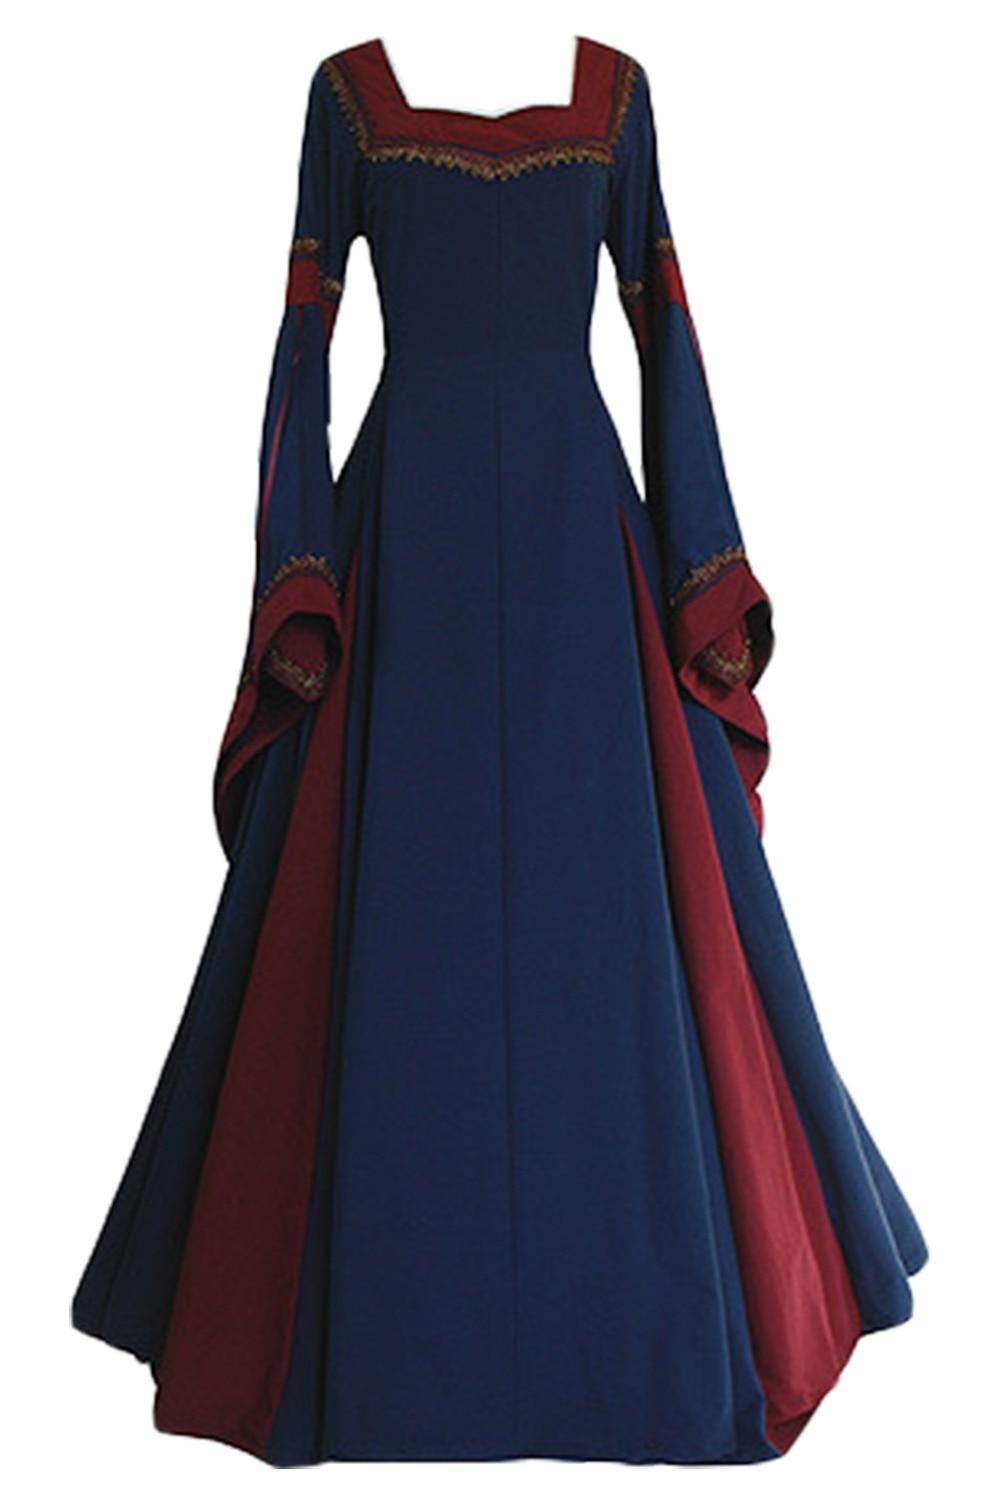 Collar Long-sleeved Horn Sleeve Long Dress Medieval Dress Women Renaissance Medieval Dress